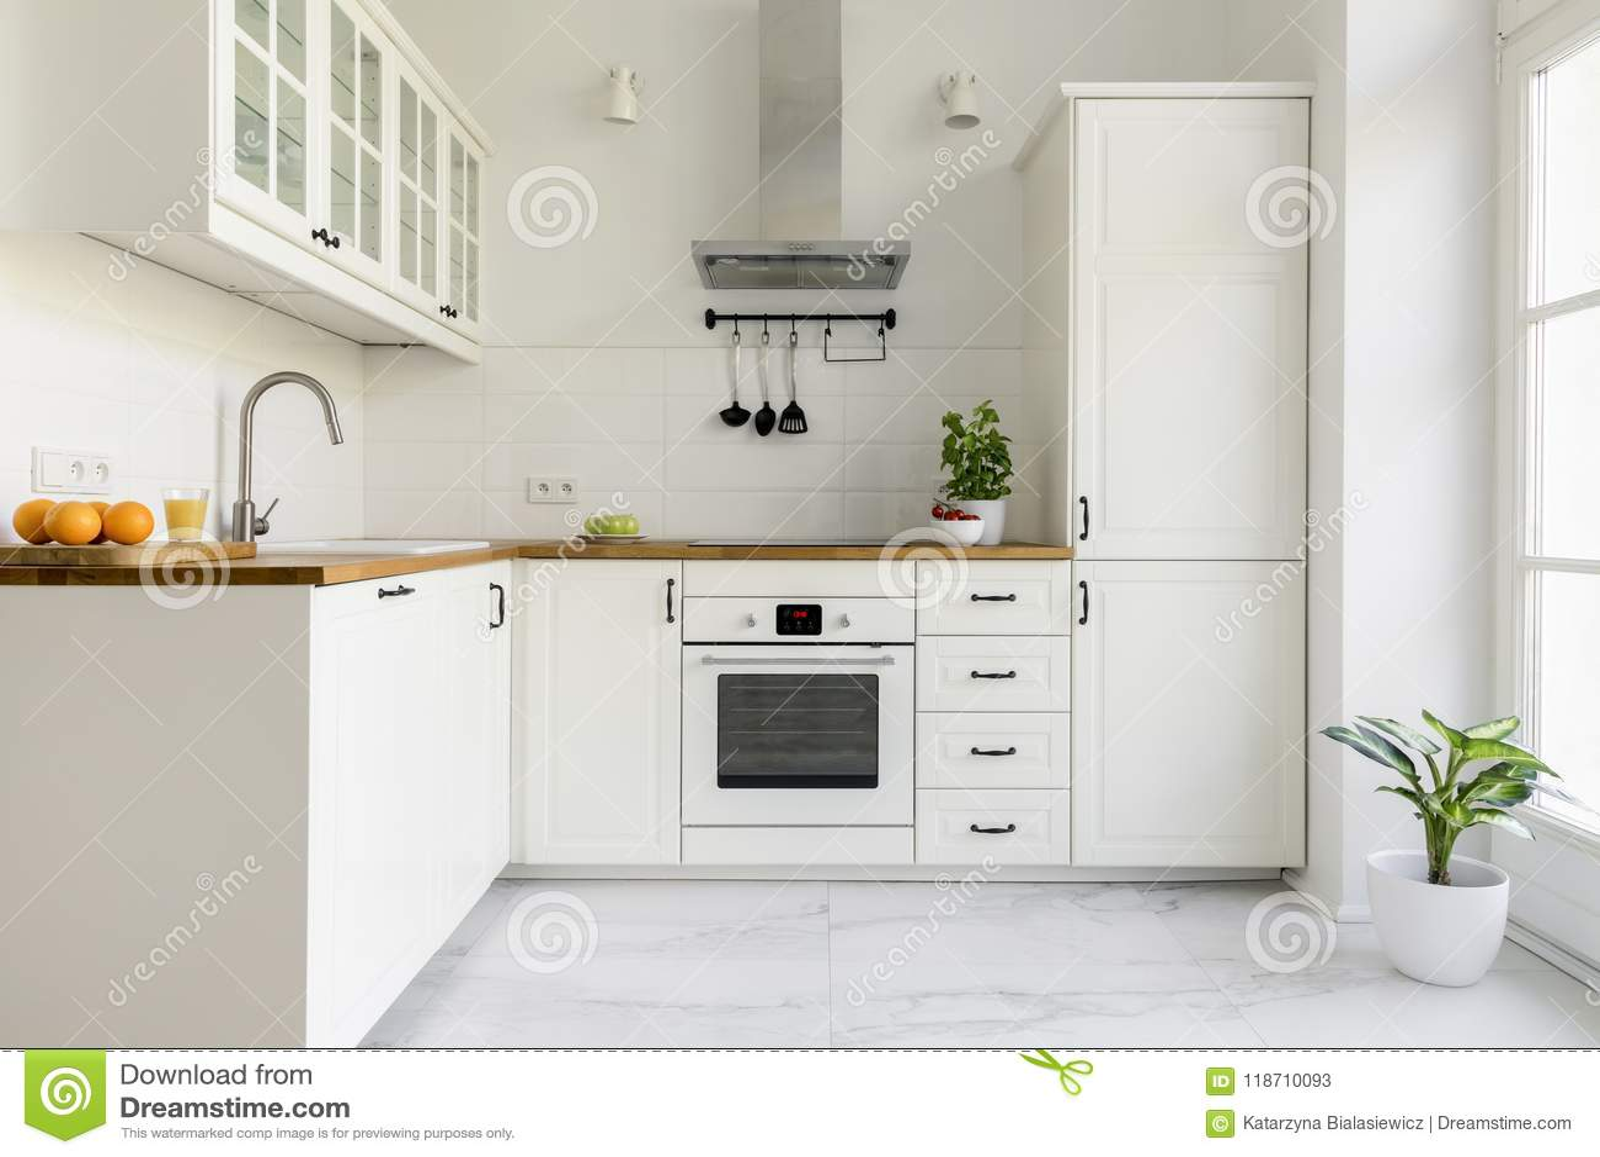 Capot De Cuiseur Argente Dans L Interieur Blanc Minimal De Cuisine